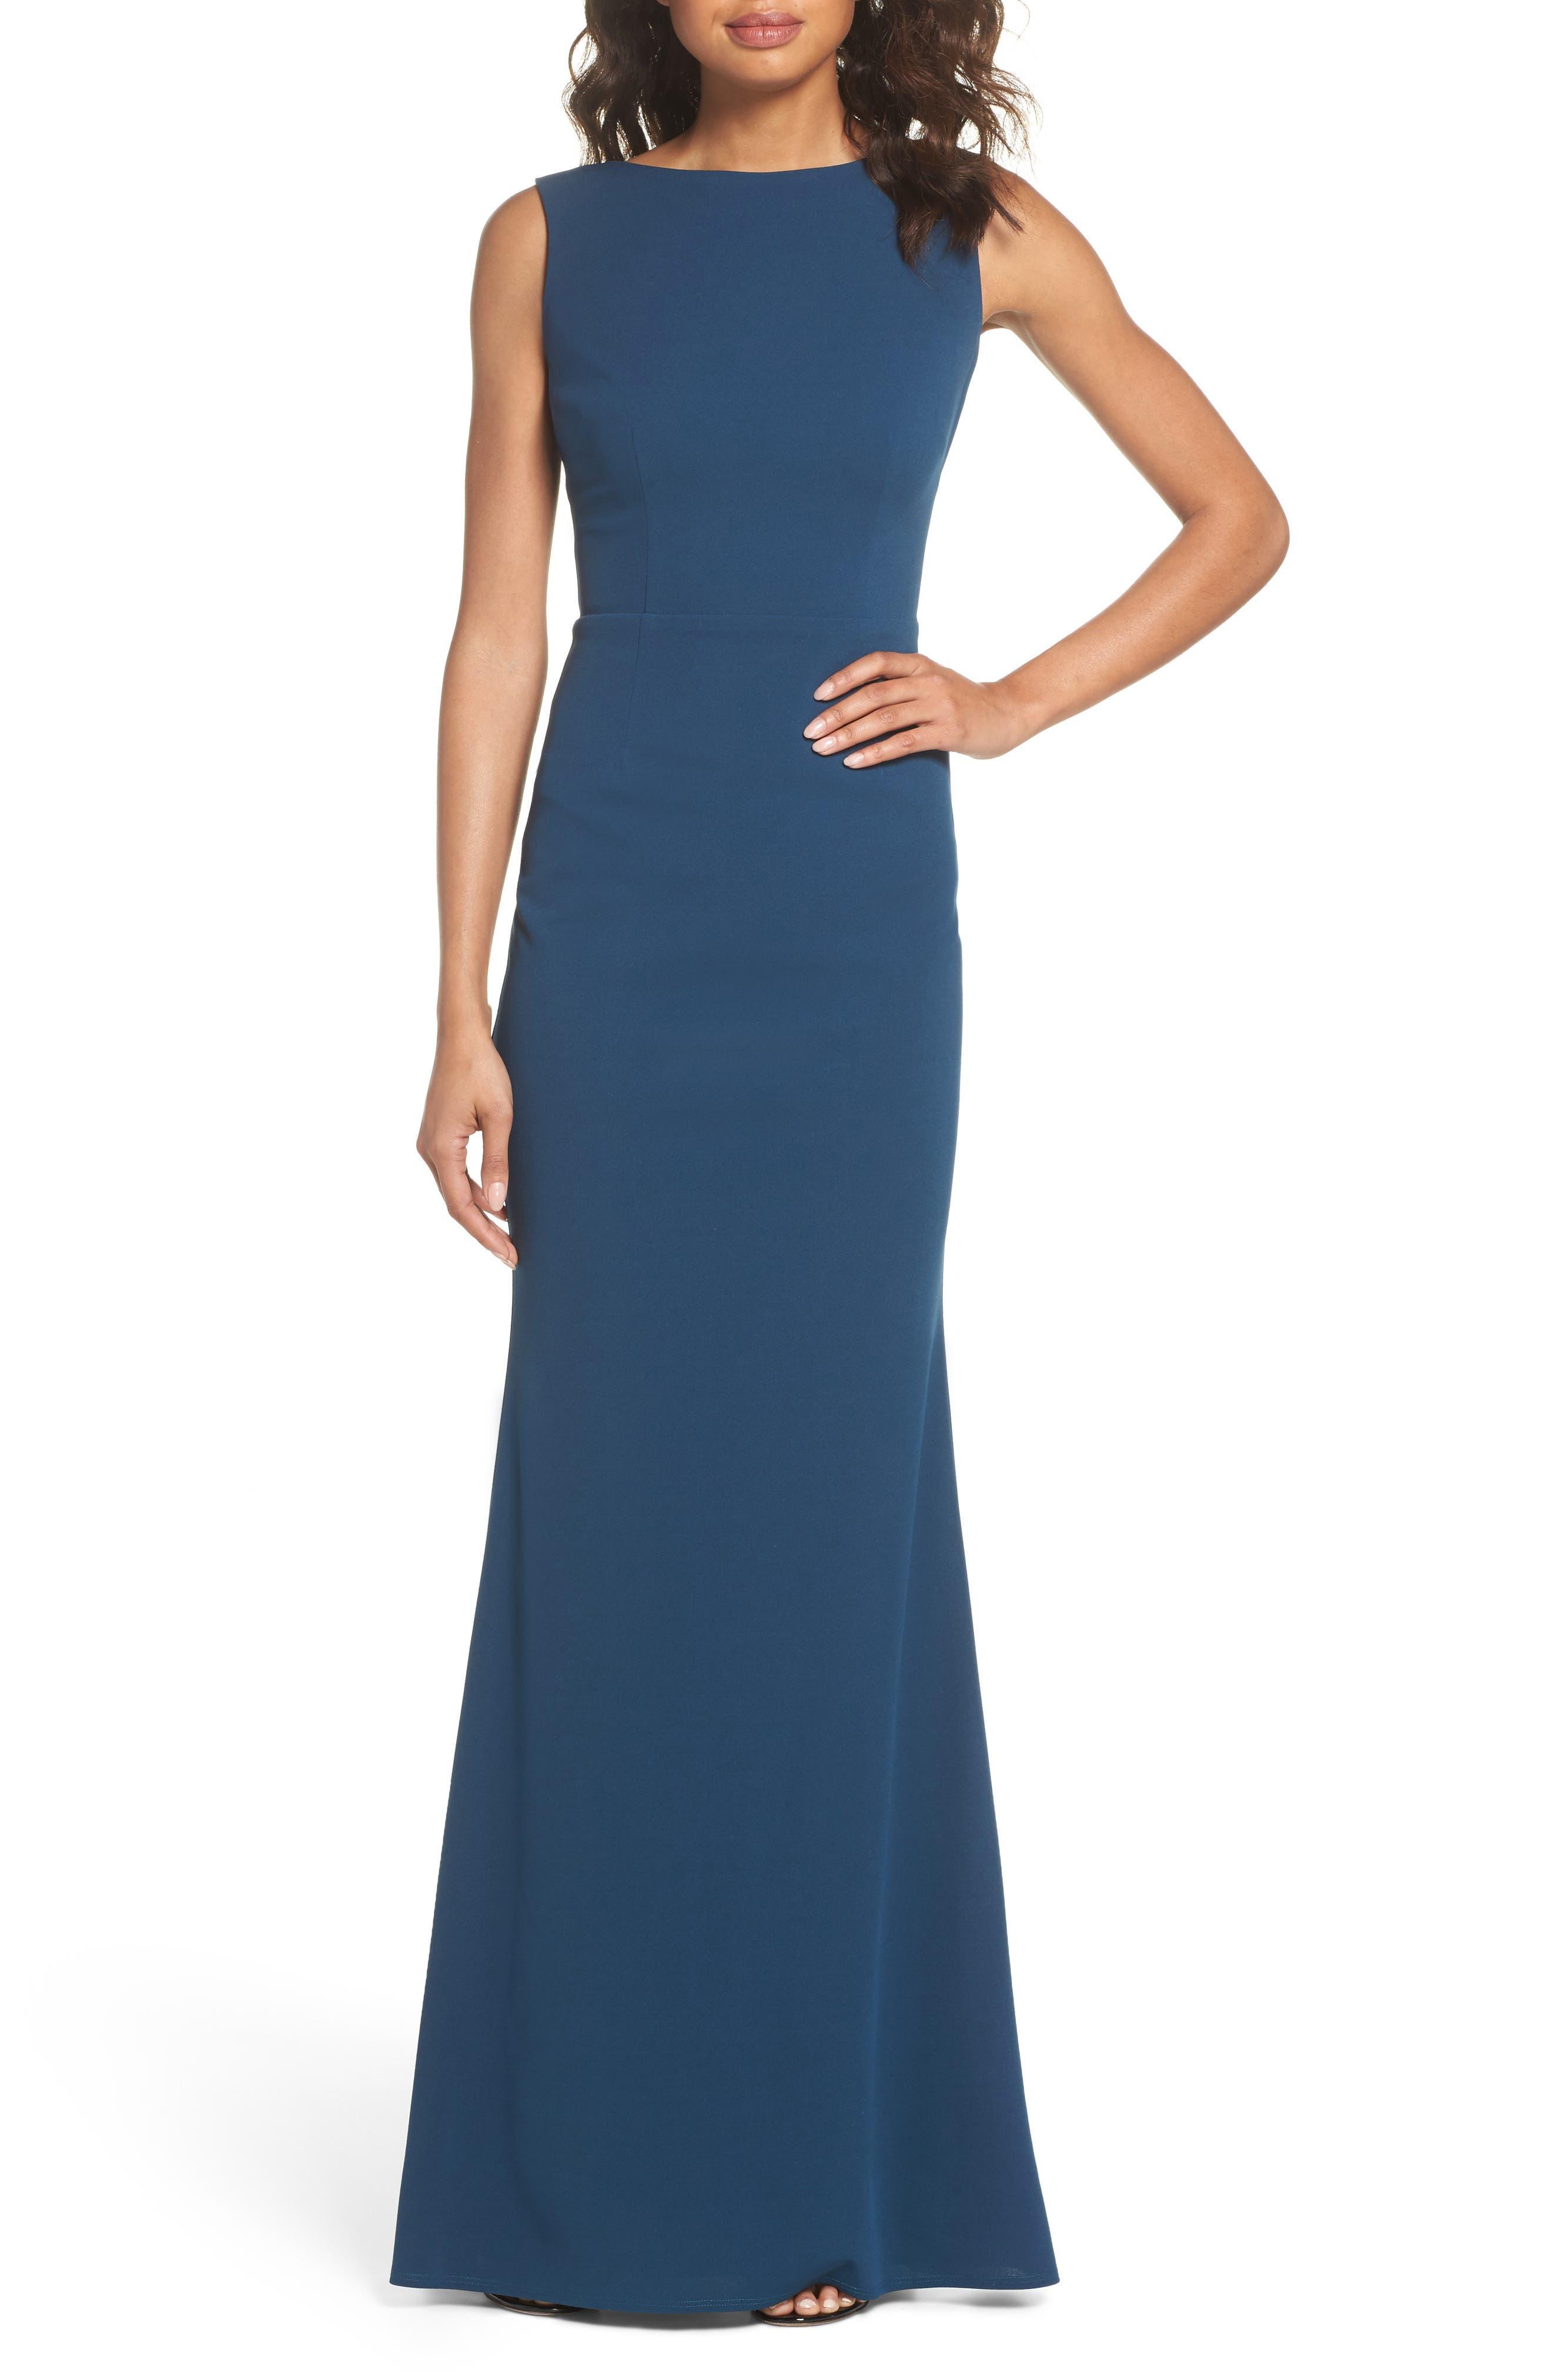 Vionnet Drape Back Crepe Gown,                         Main,                         color, TEAL